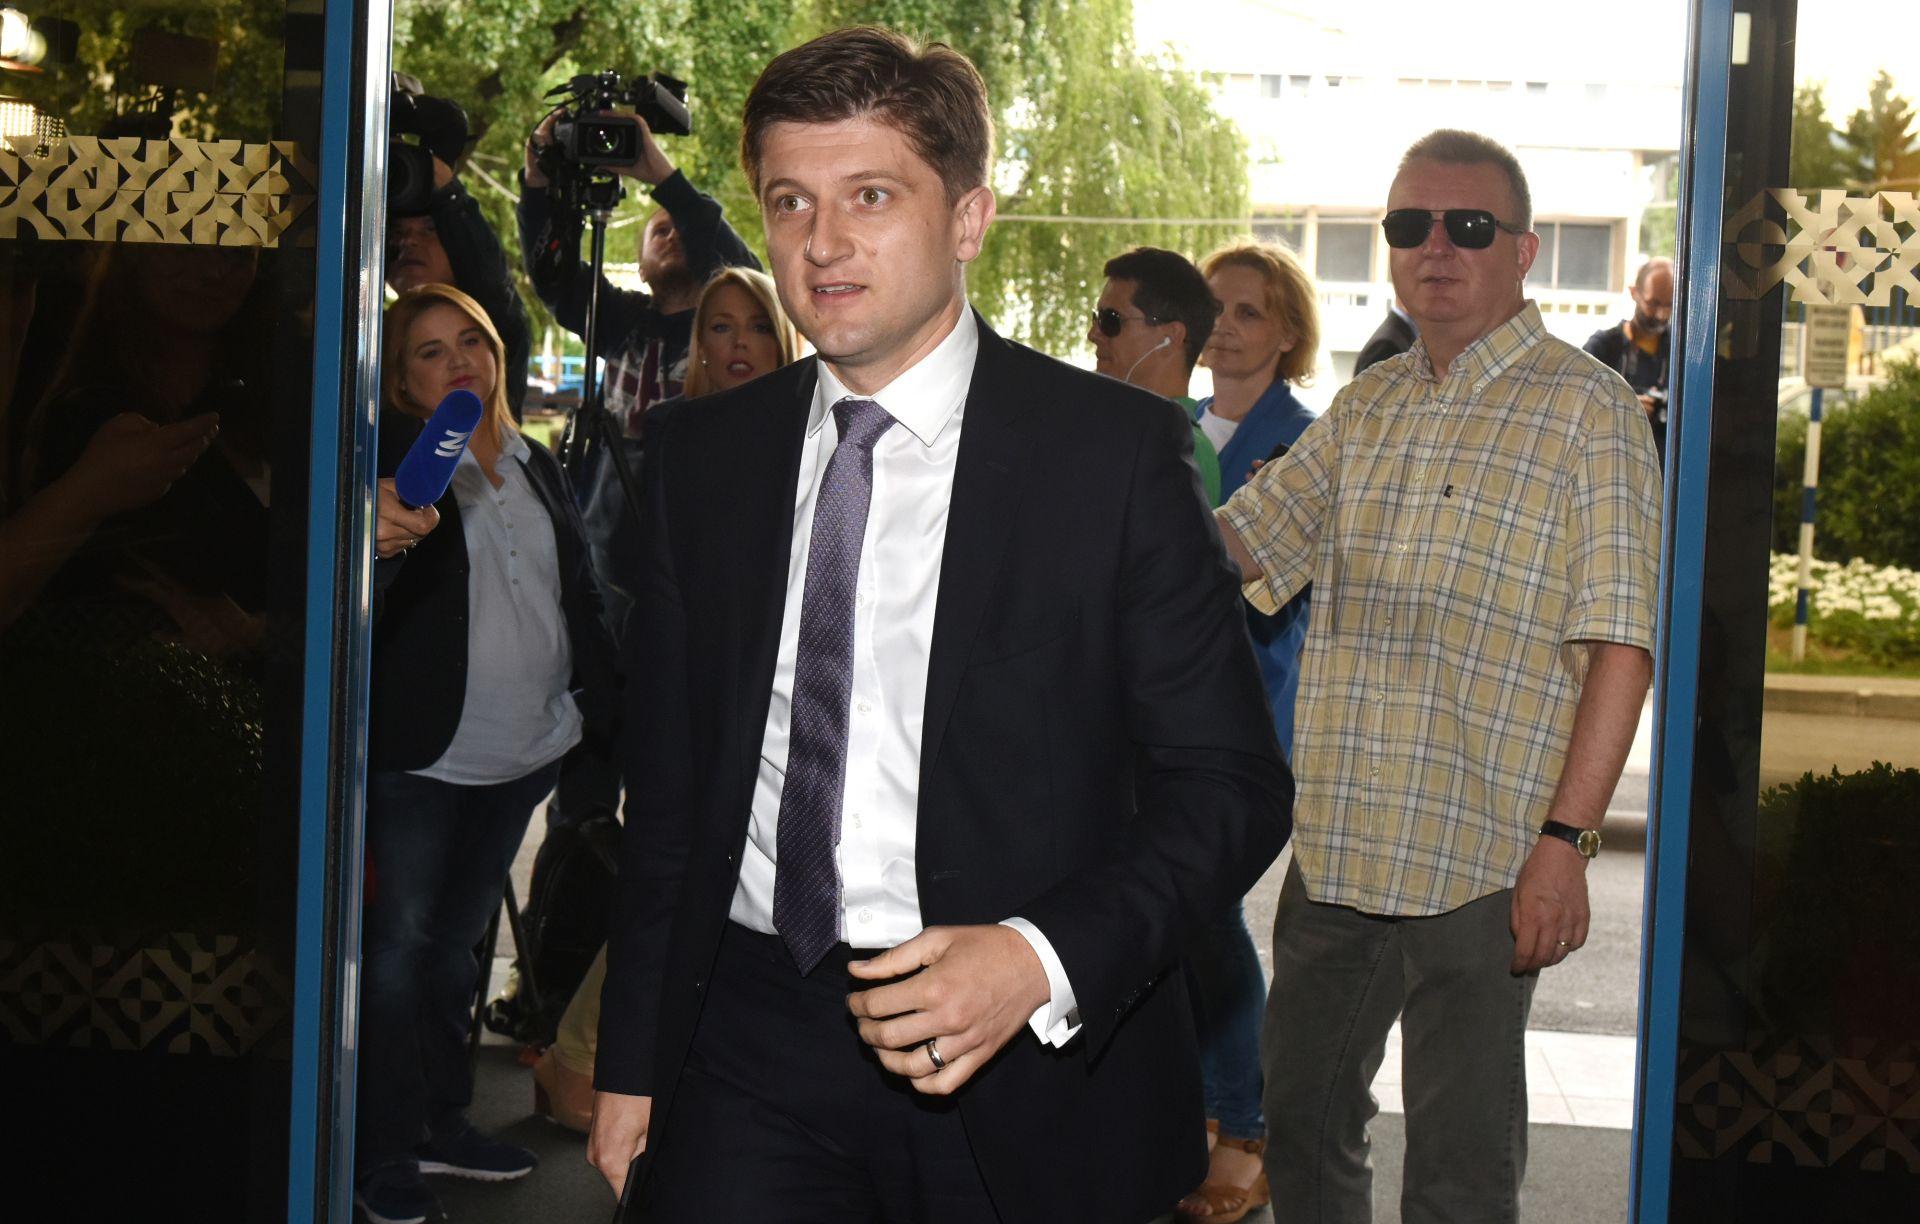 ZAVRŠEN SASTANAK HDZ-a Milošević: 'Postoji parlamentarna većina koja je spremna podržati Marića'